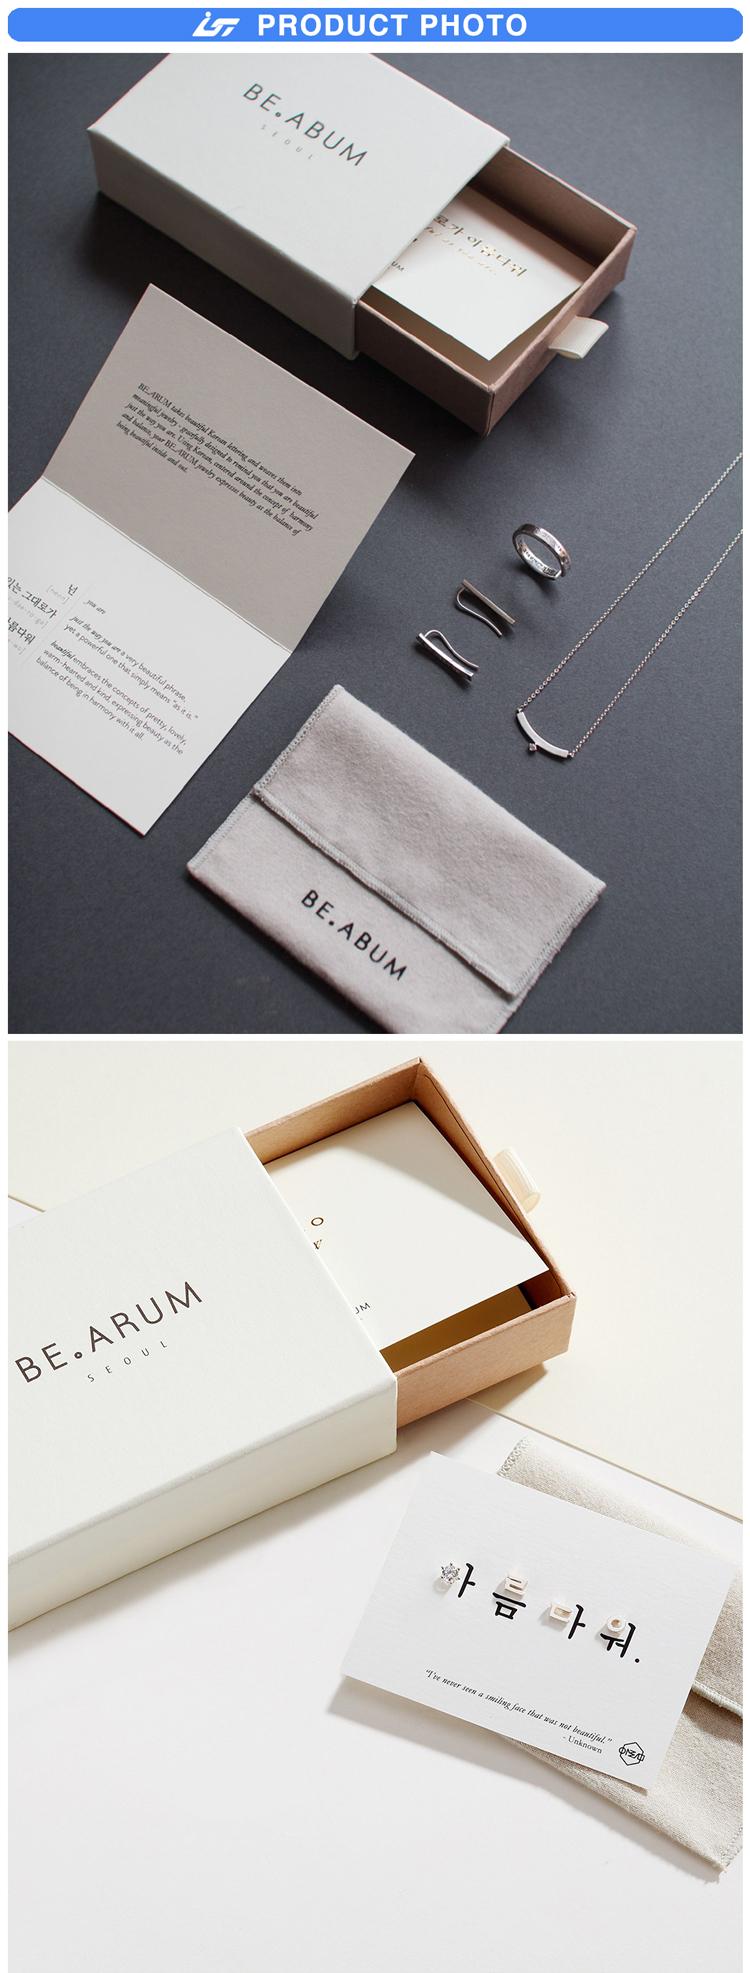 caja de embalaje de la joyería